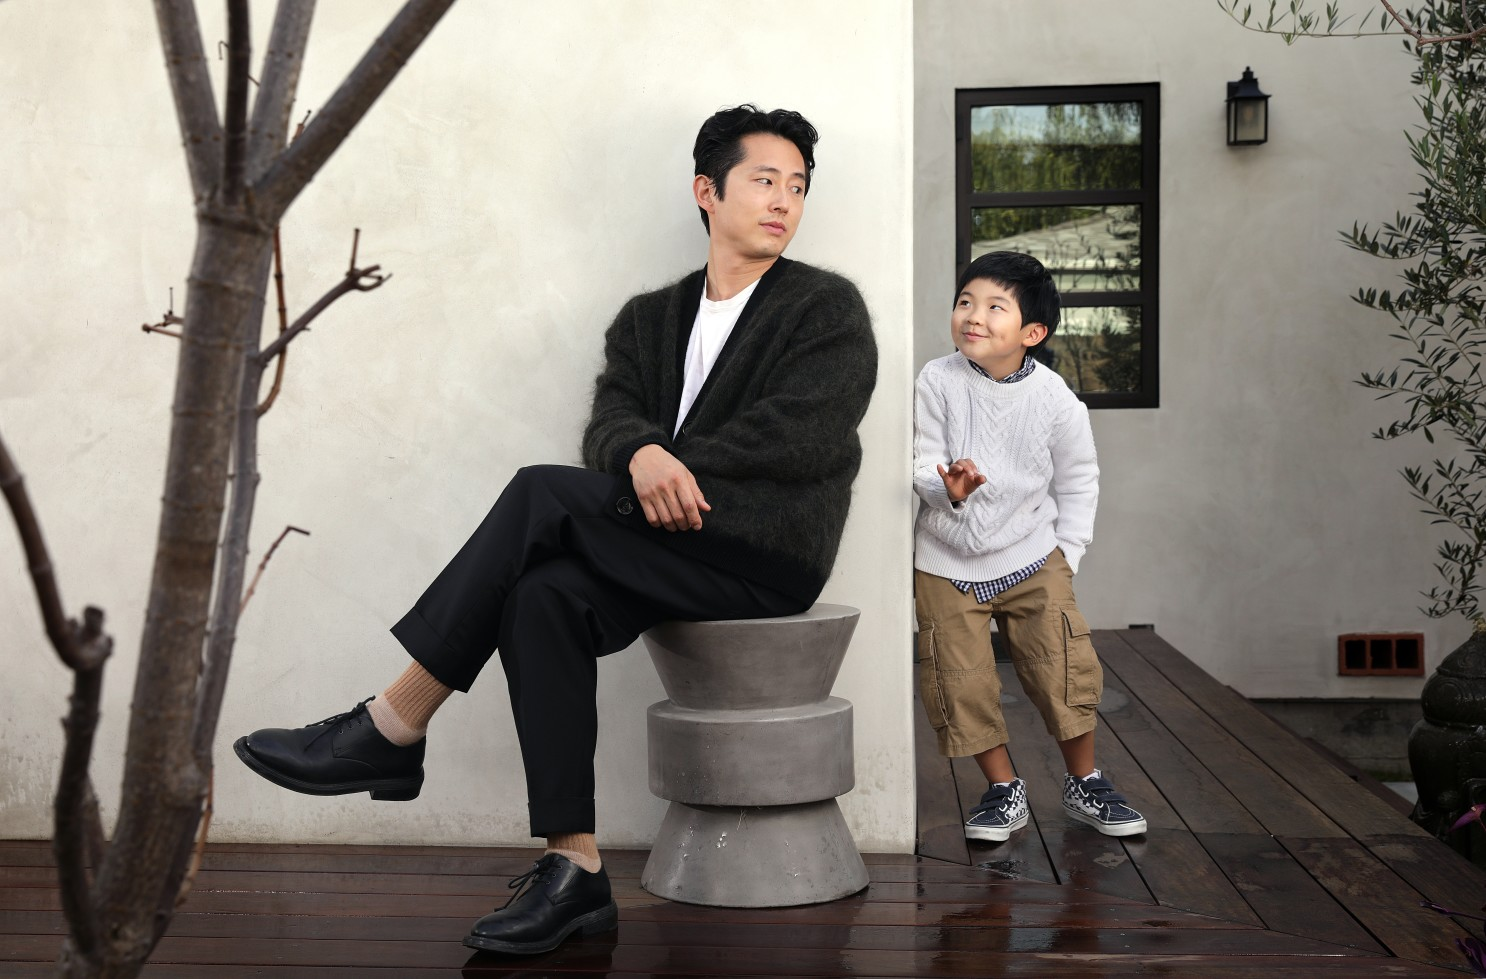 nam diễn viên Steven Yeun của phim Minari được đề cử Oscar